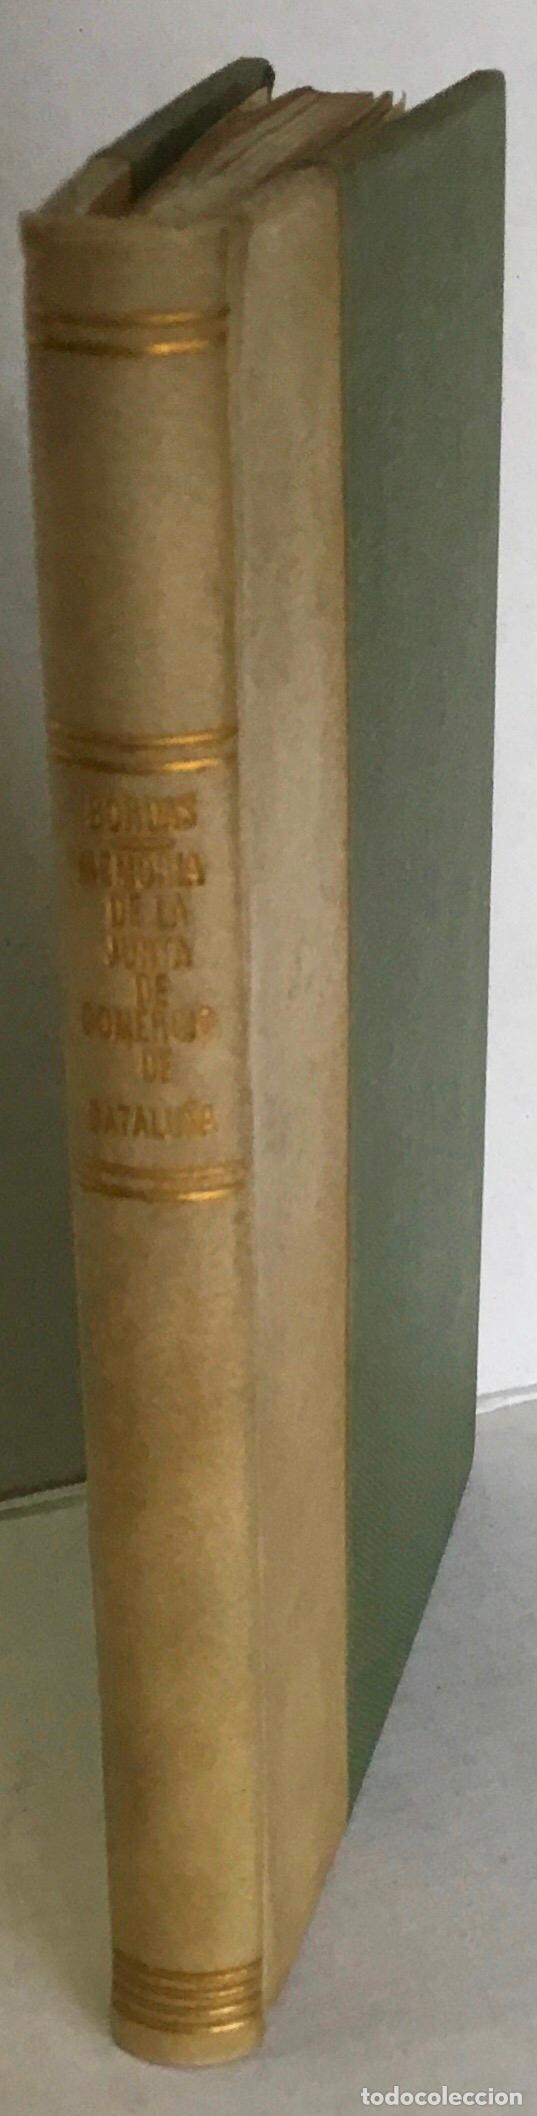 Libros antiguos: MEMORIA ACERCA DE LA ERECCIÓN Y PROGRESOS DE LA JUNTA DE COMERCIO DE CATALUÑA Y DE SU CASA LONJA. - - Foto 2 - 123166430